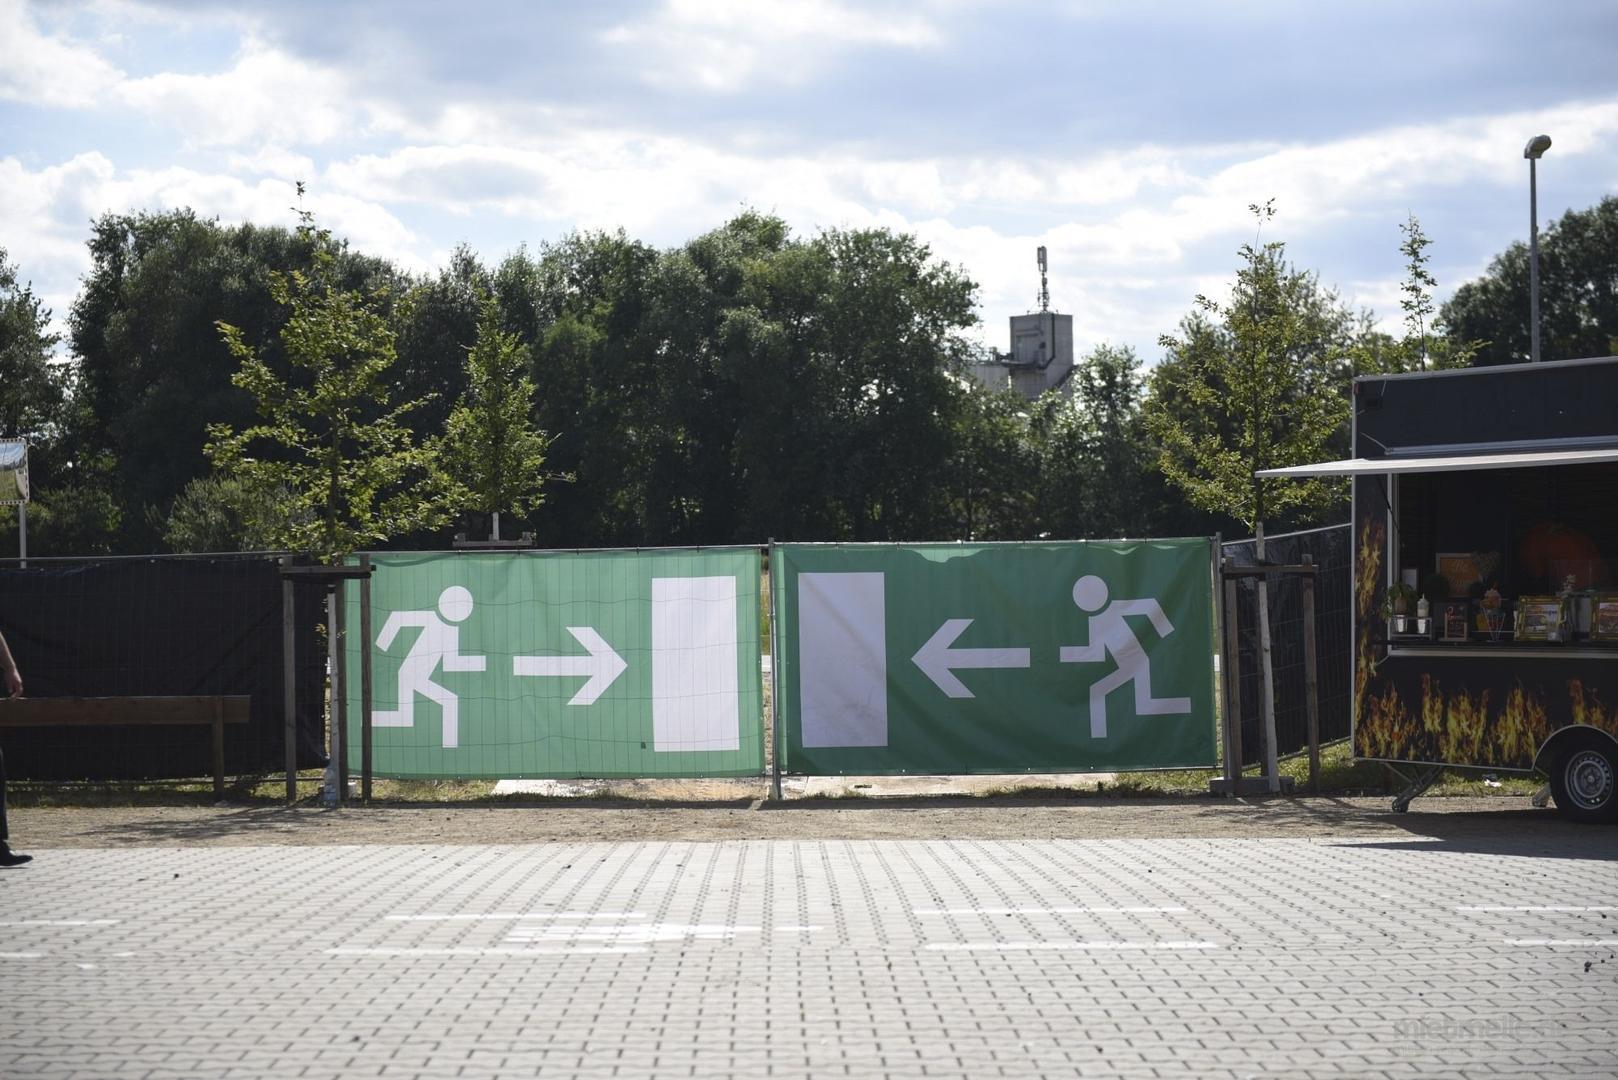 Bauzaun mieten & vermieten - Notausgangsbanner / Sichtschutz / Bauzaunplane / Fluchtwegbeschilderung in Mainz